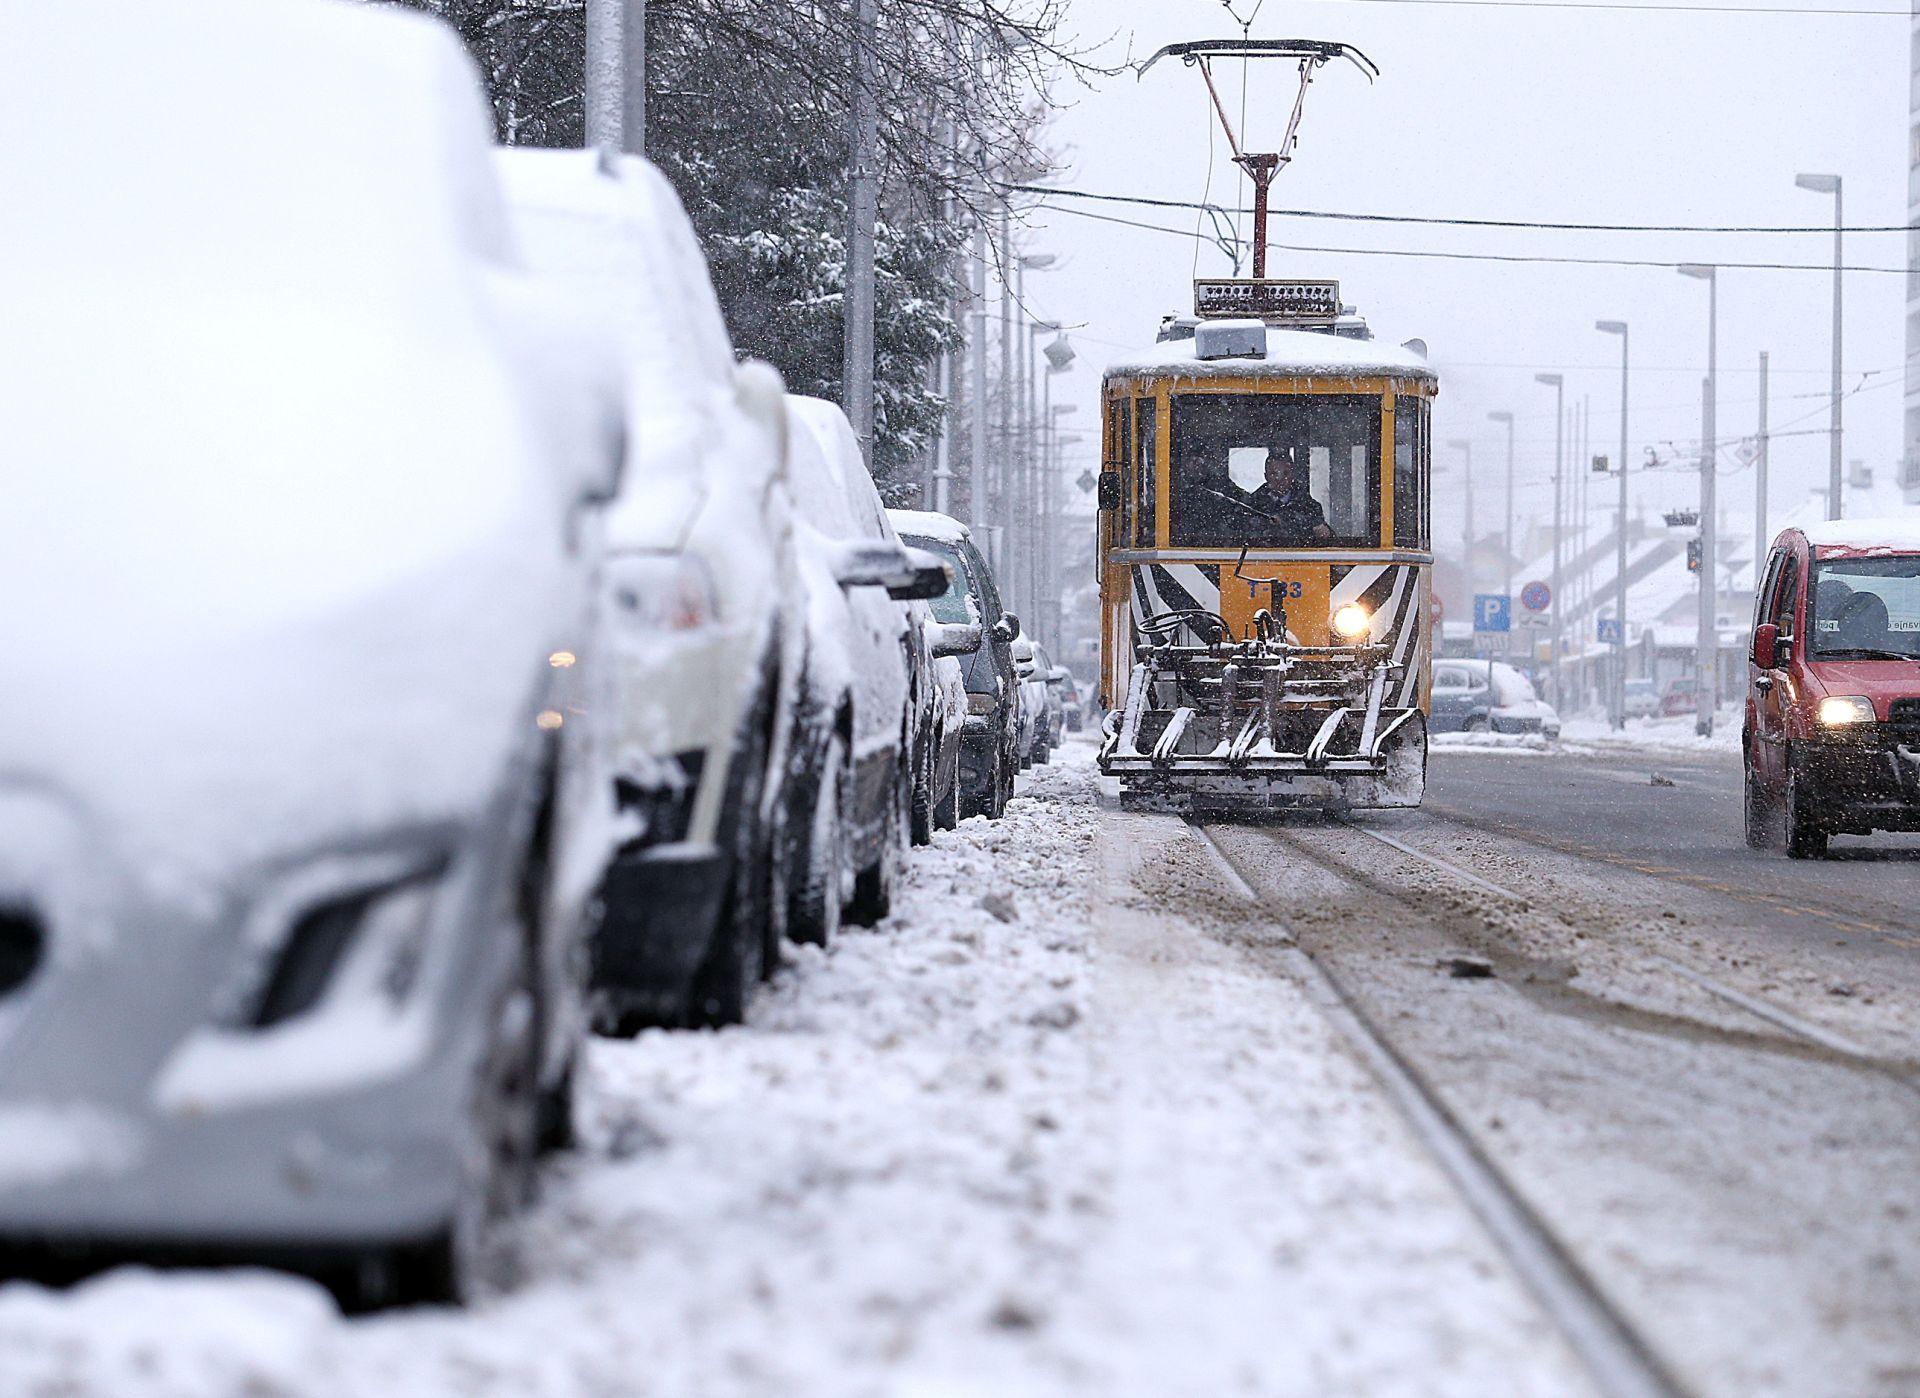 OPET PROMJENA VREMENA: Stiže snijeg i pad temperatura